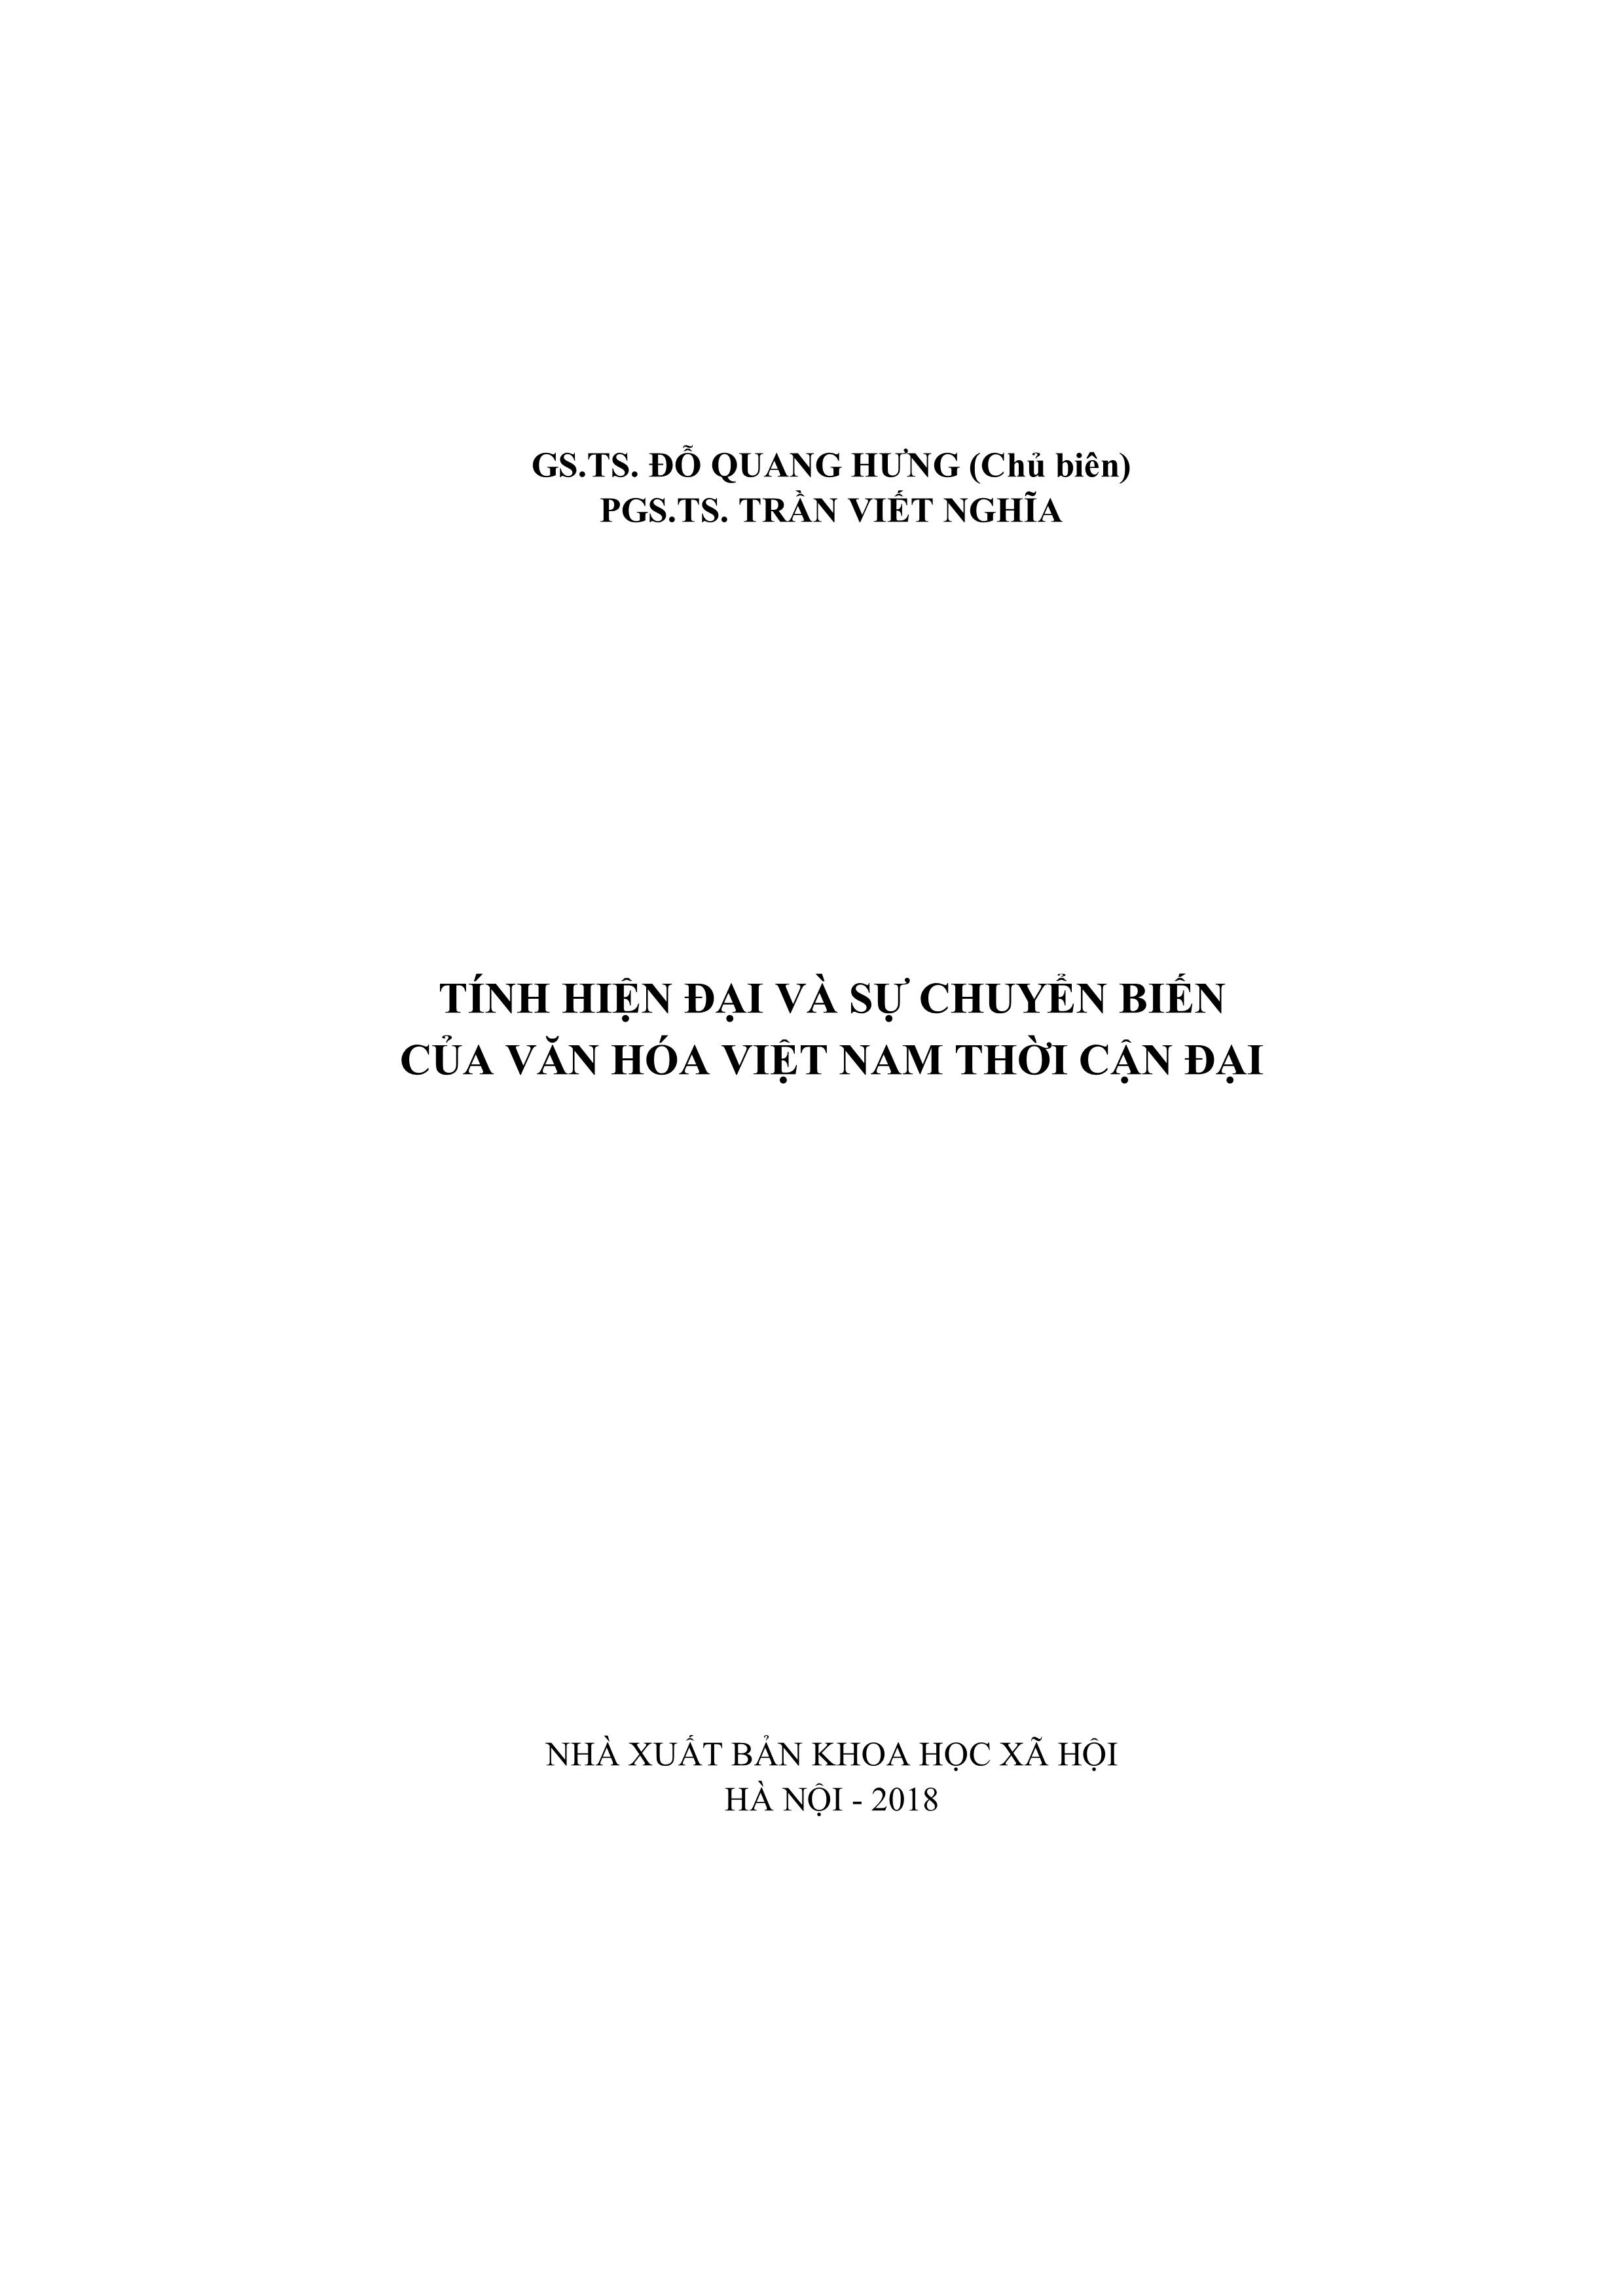 Tính Hiện Đại Và Sự Chuyển Biến Văn Hóa Việt Nam Thời Kỳ Cận Đại